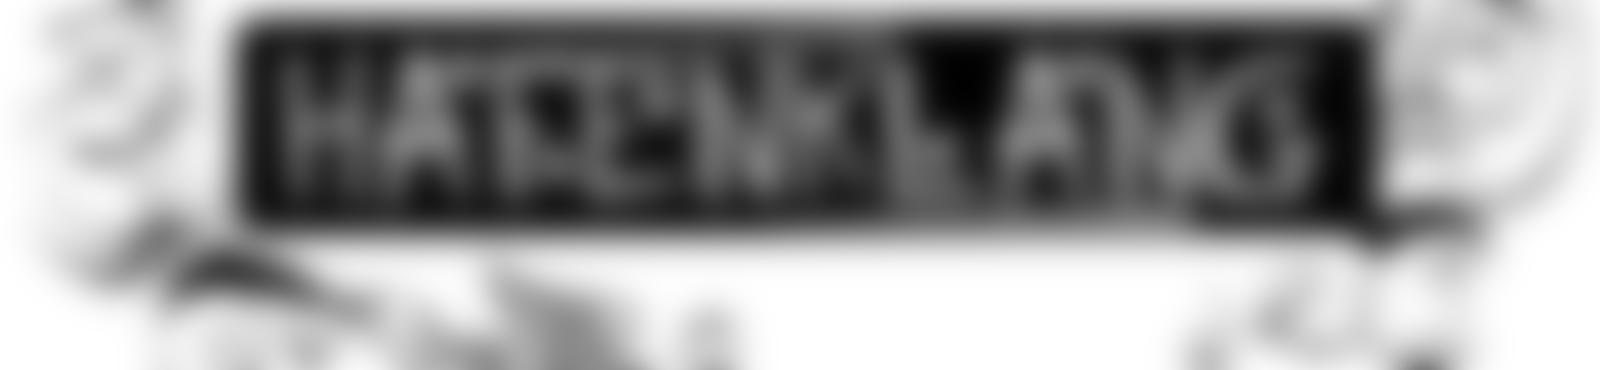 Blurred 63203 497879730248452 601740882 n